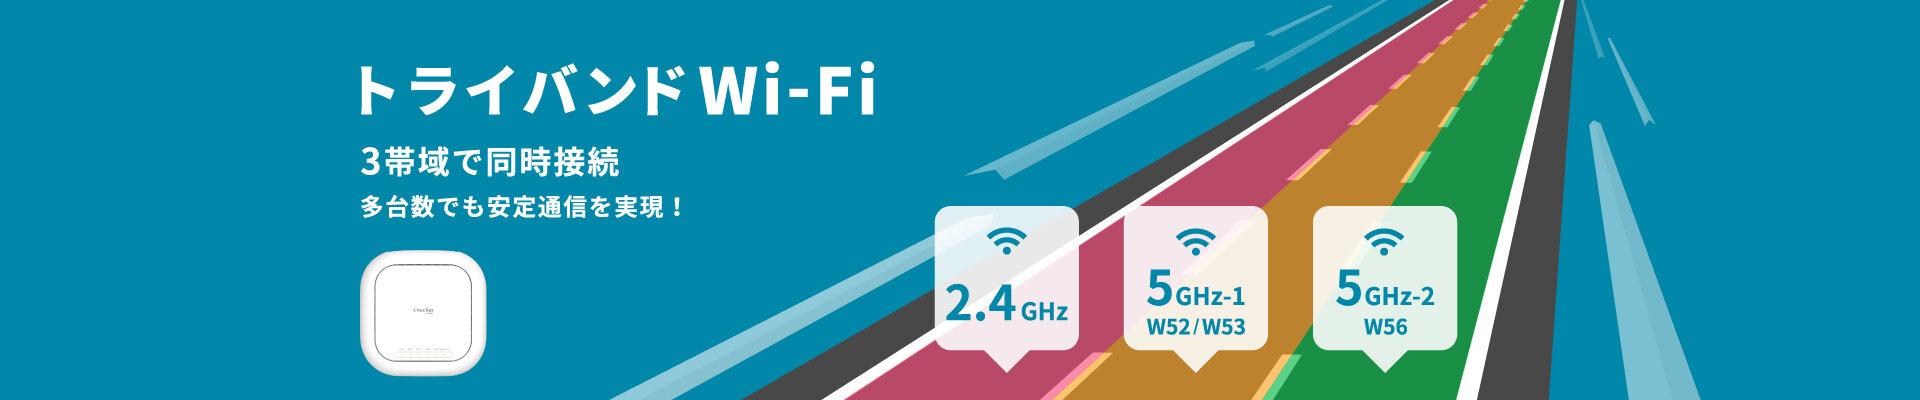 3帯域で同時接続し、多台数でも安定通信を実現します。